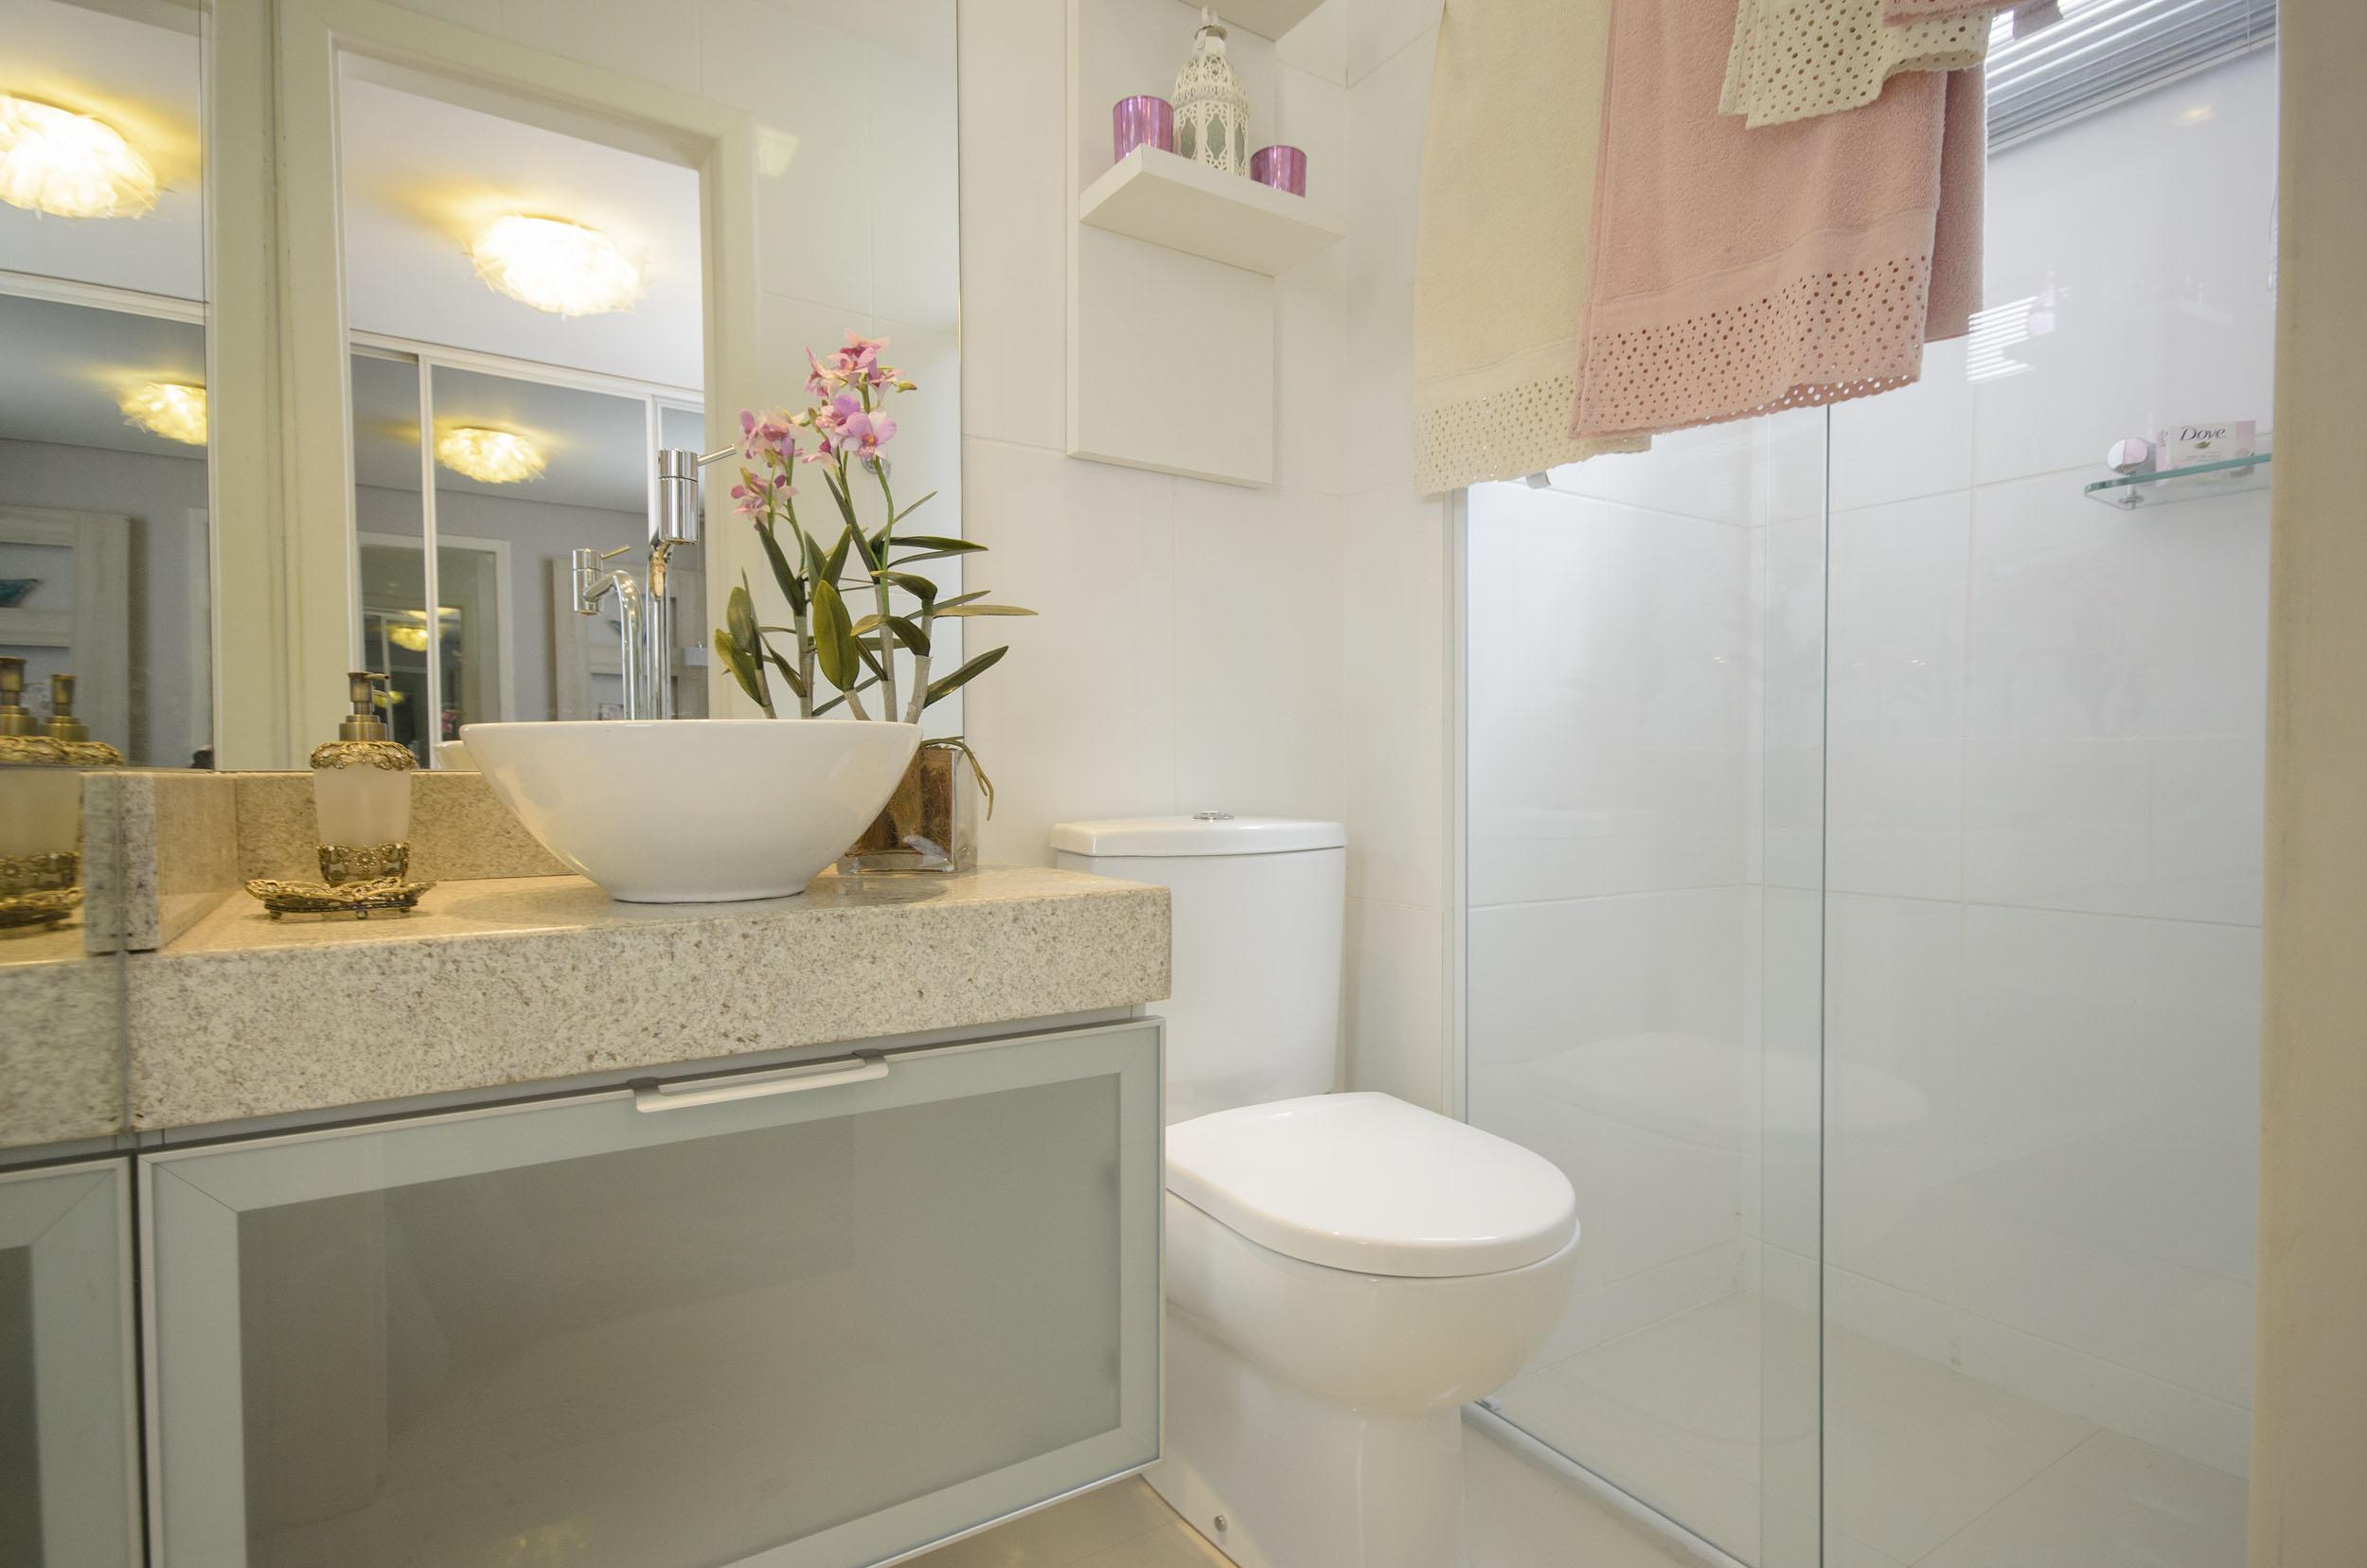 Ideias inteligentes para pequenos espaços  MRV Engenharia -> Otimizar Banheiro Pequeno